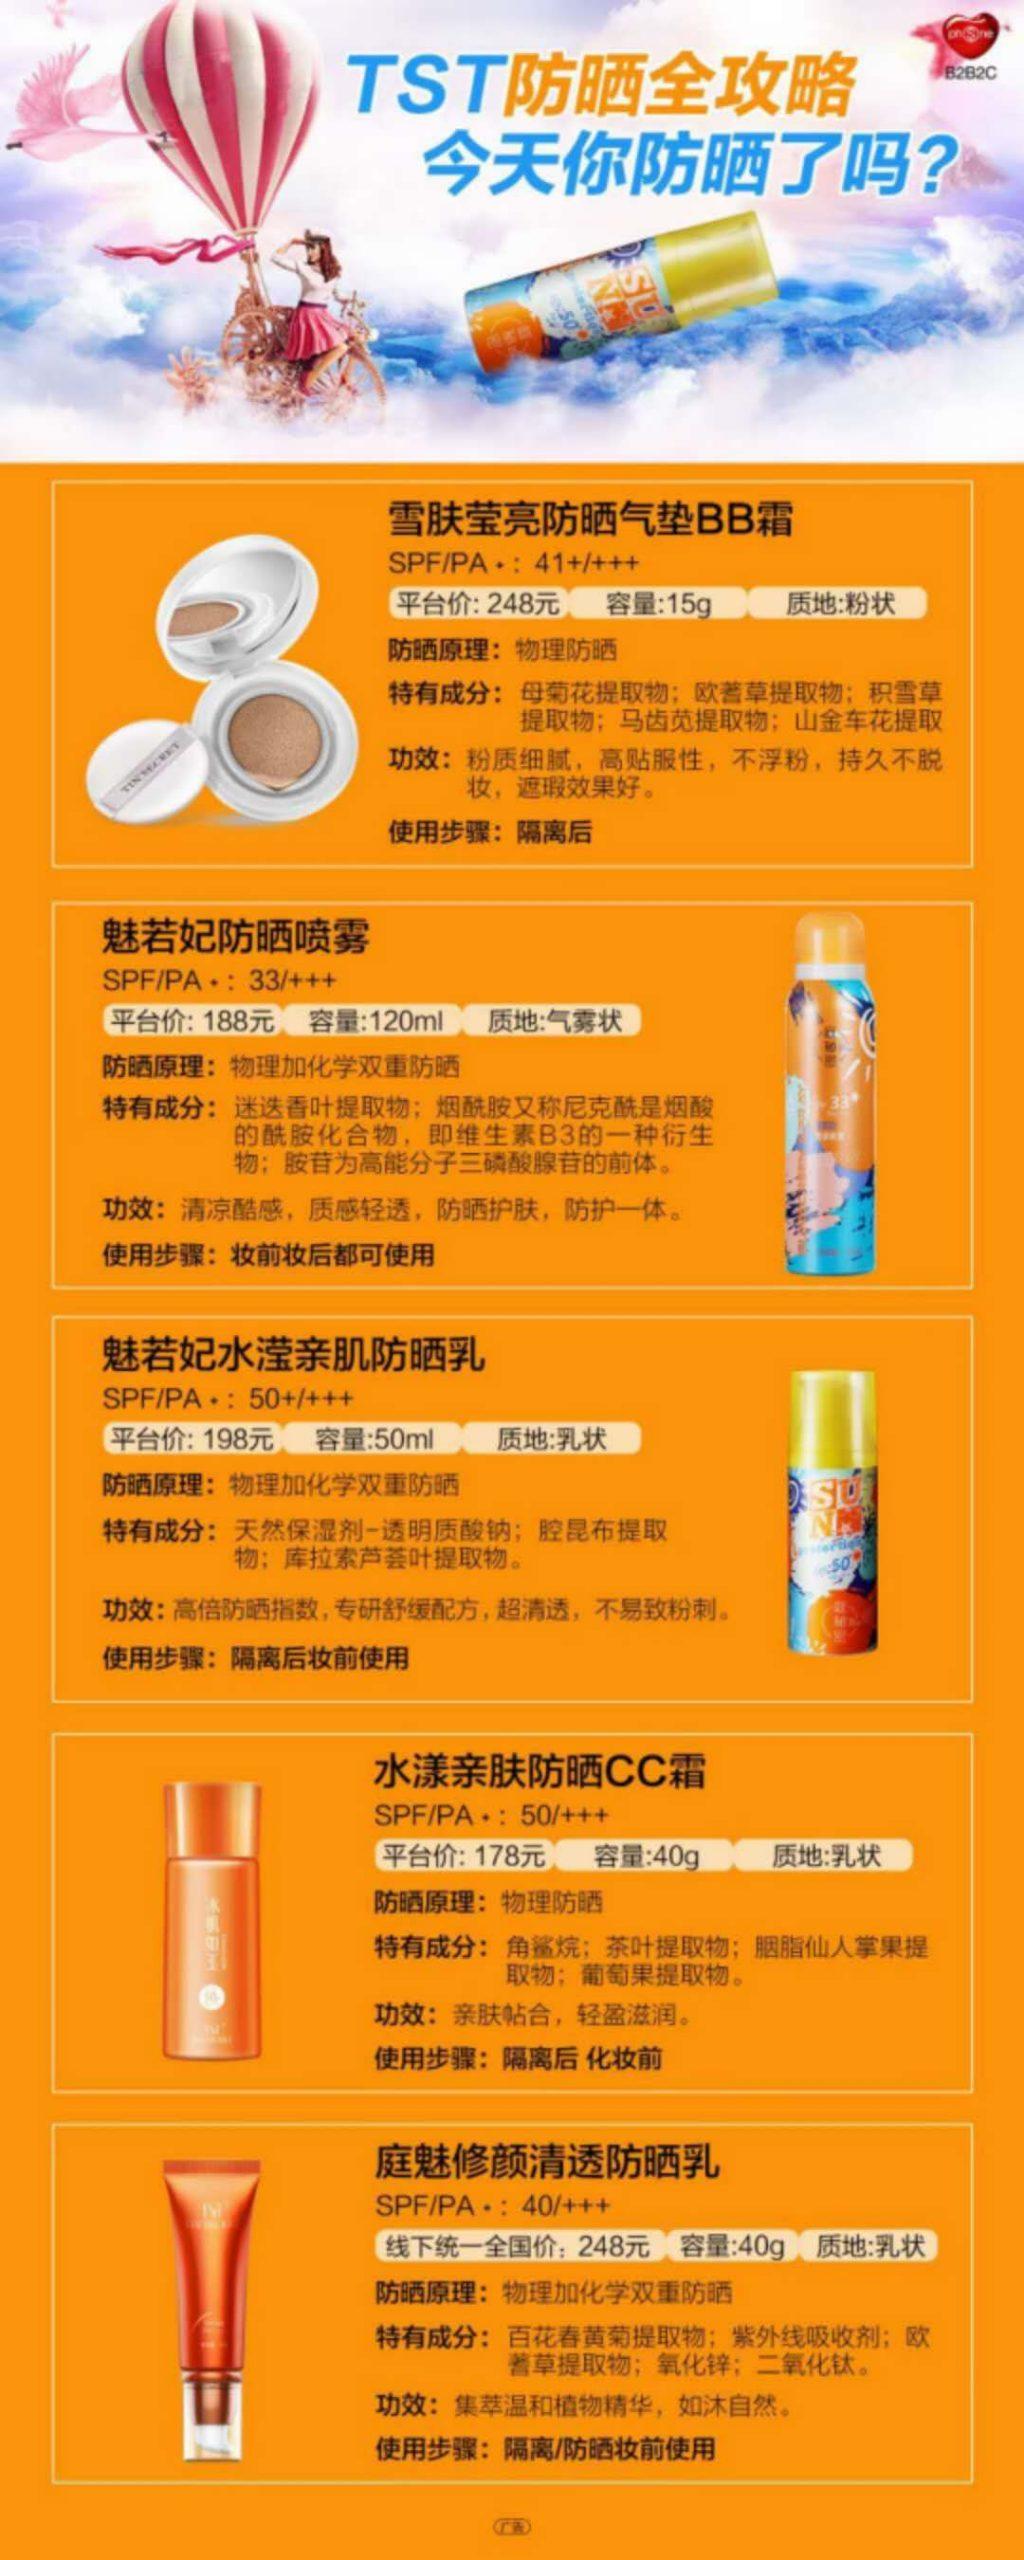 如何选择TST防晒产品